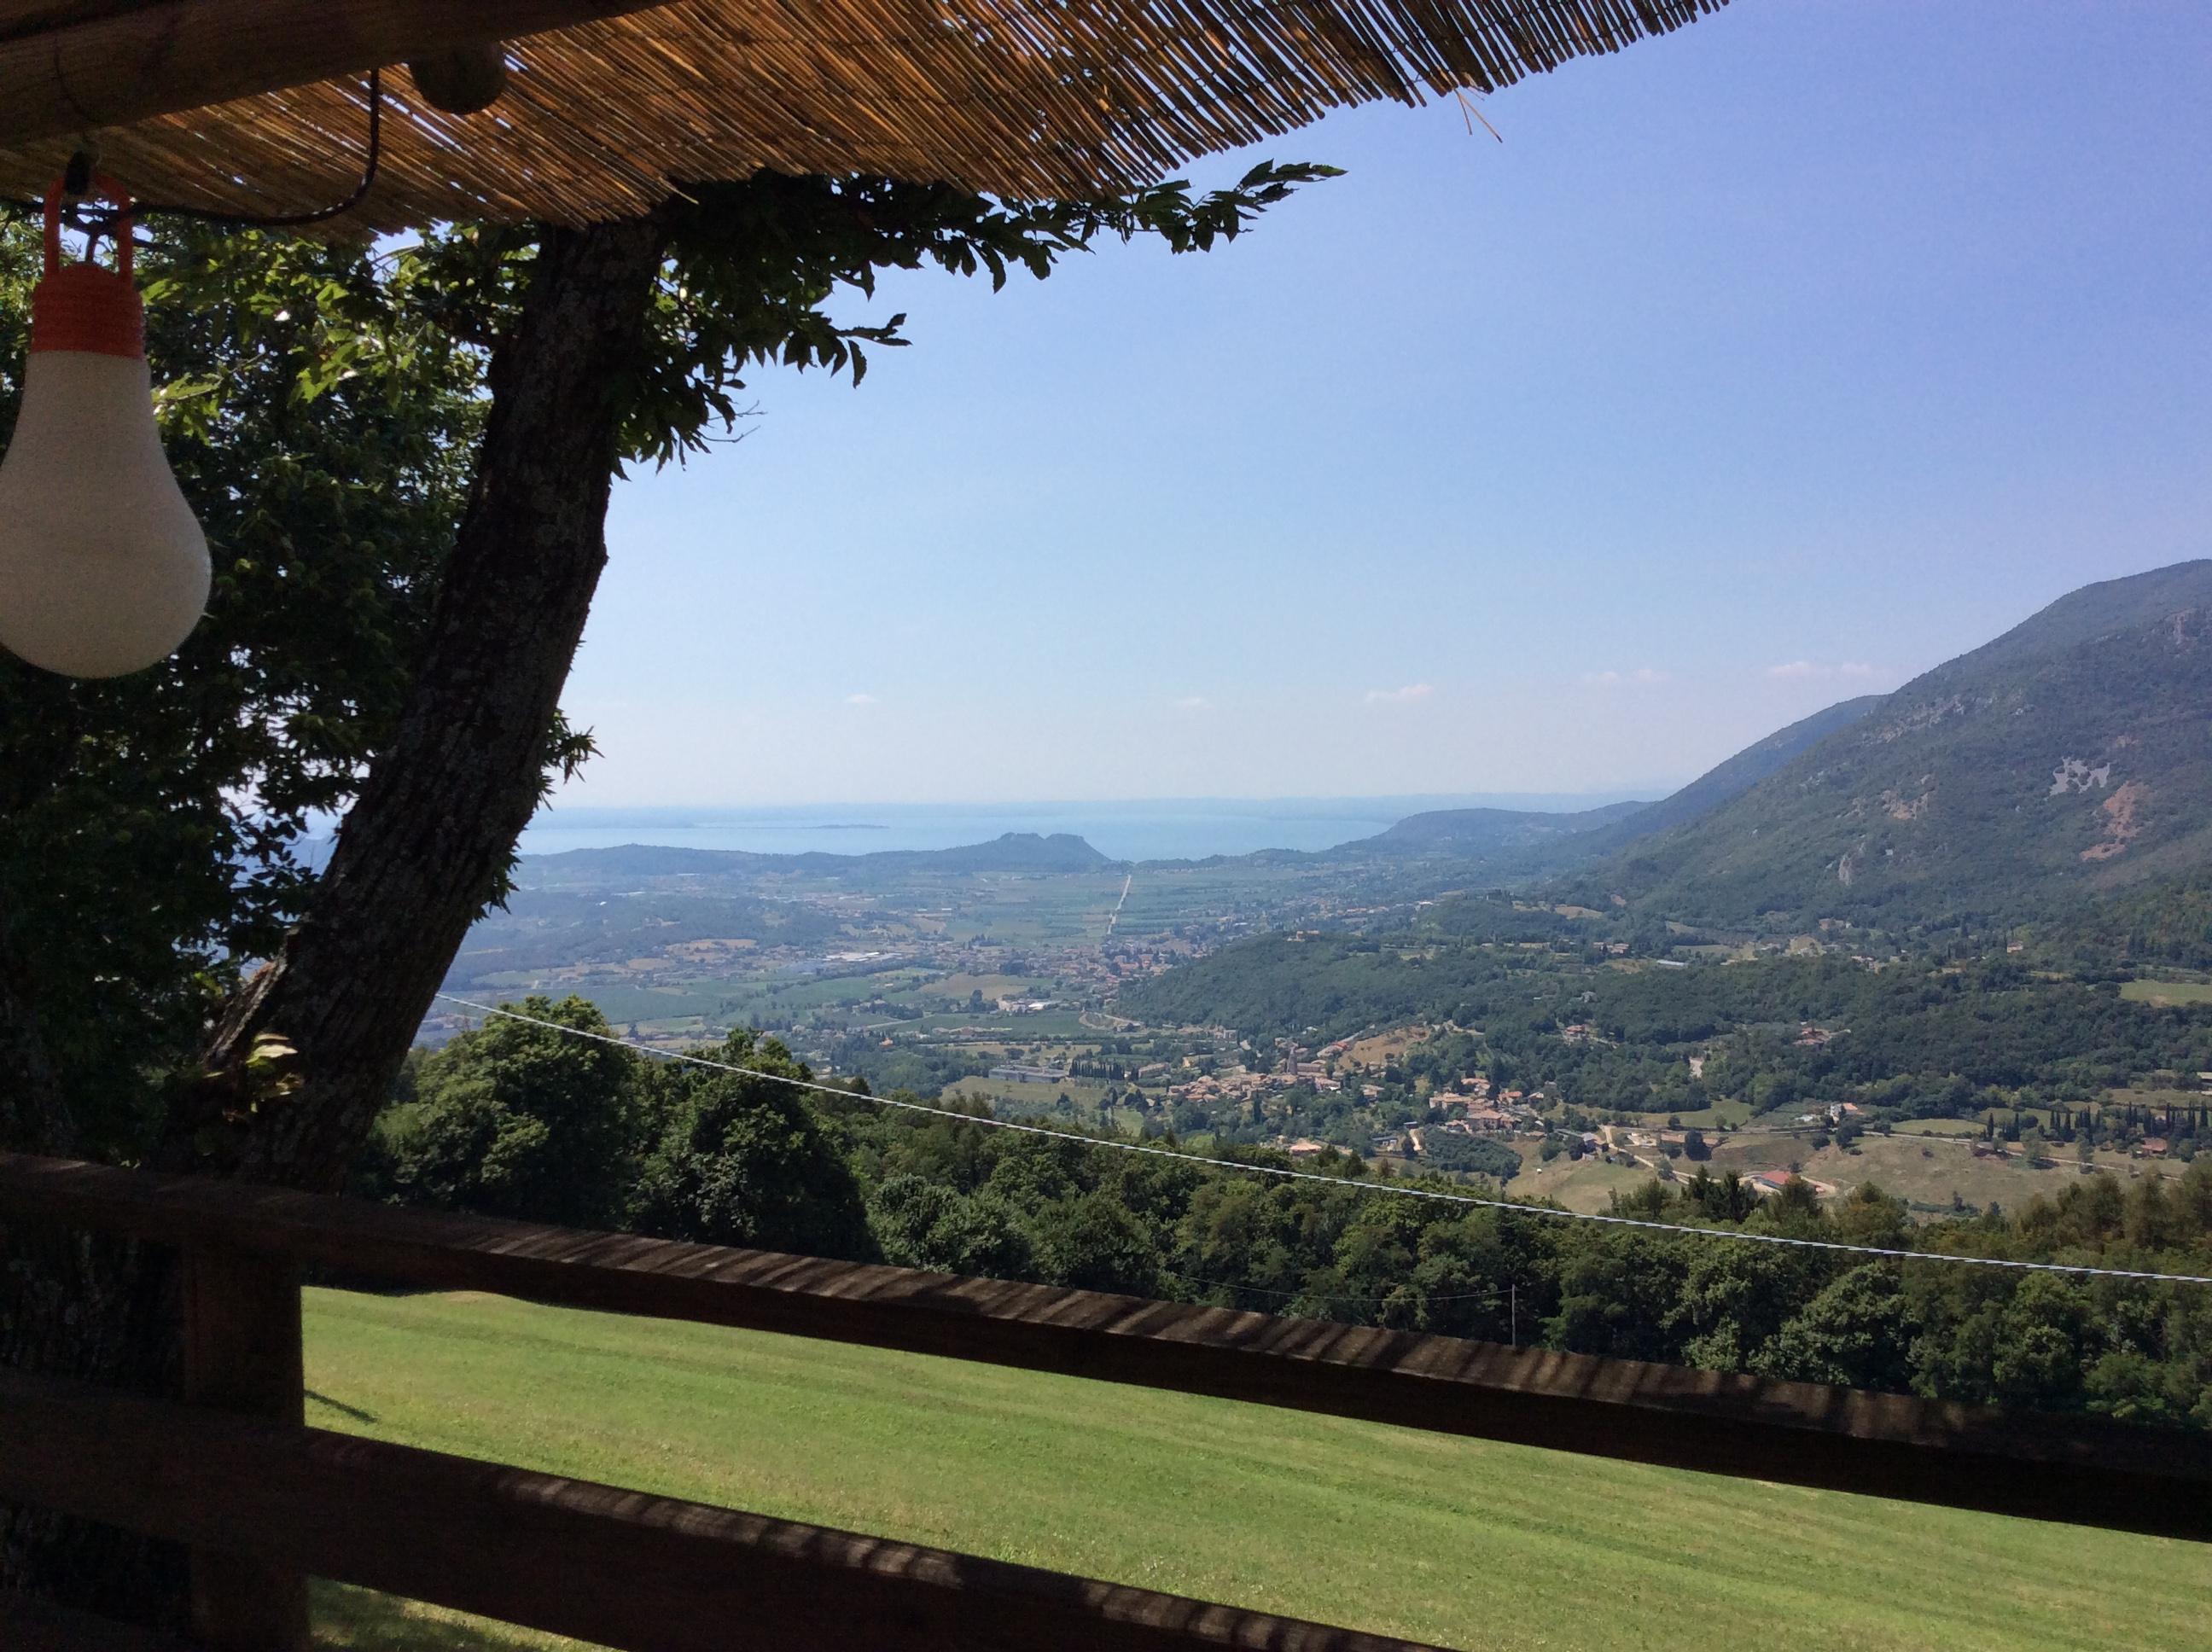 Scorcio del panorama sul Lago di Garda